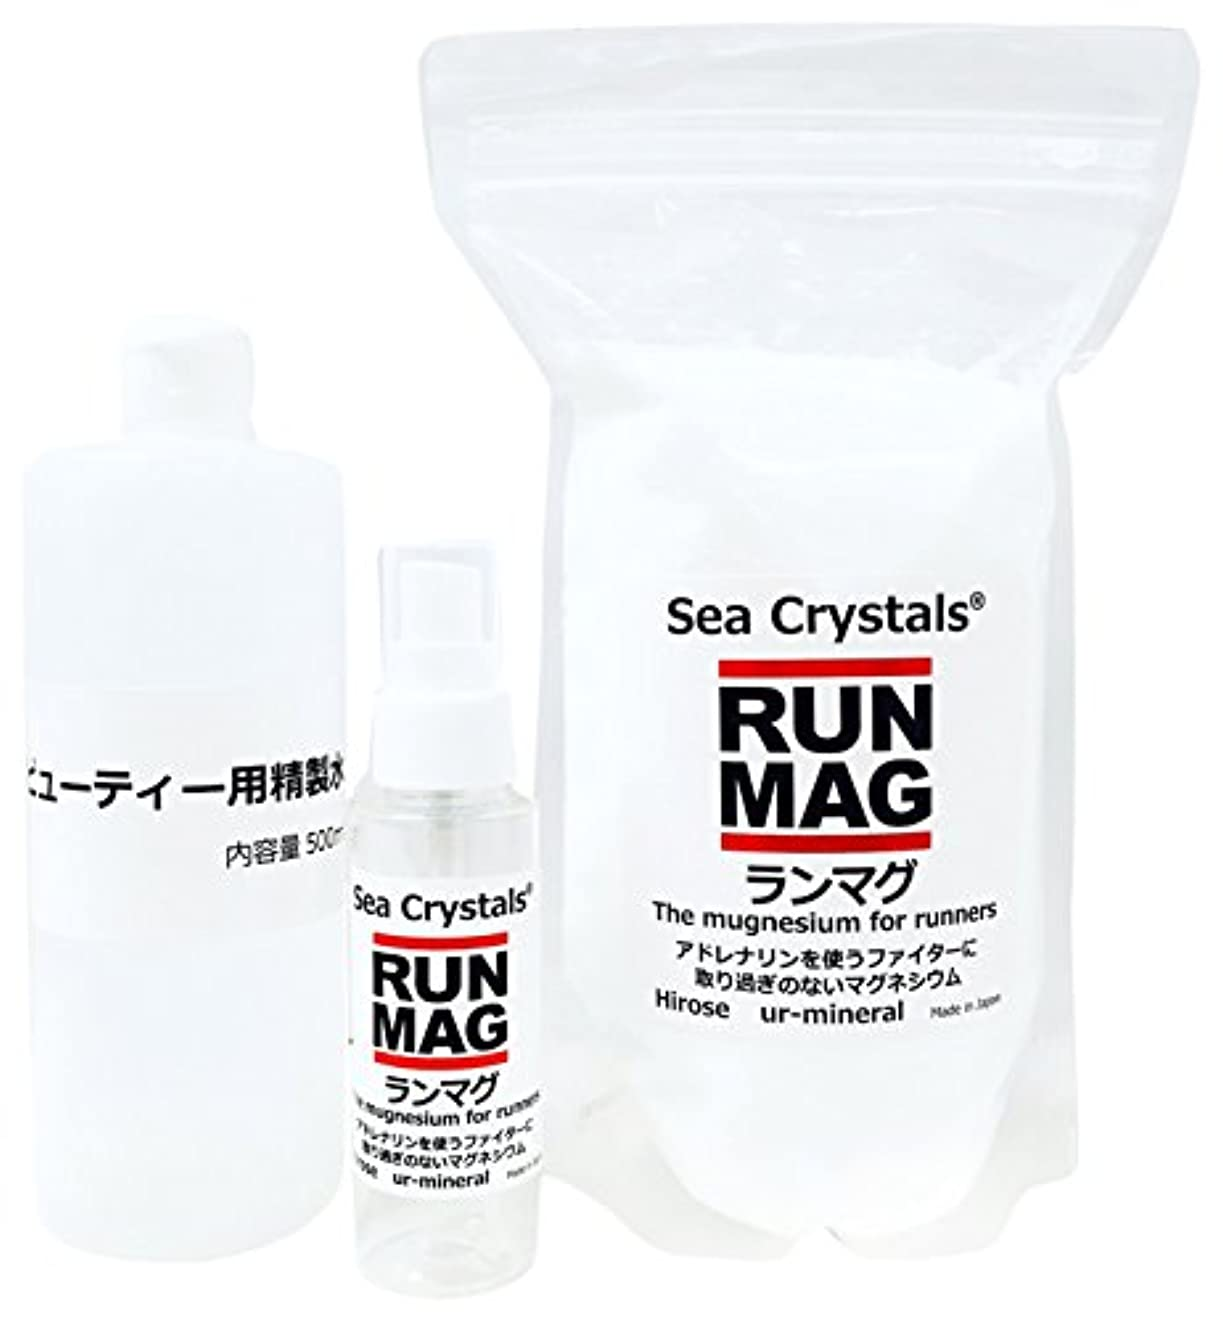 意図汚物健康ランマグ?マグネシウムオイル 500g 化粧品登録 日本製 1日マグネシウム360mg使用  精製水付き